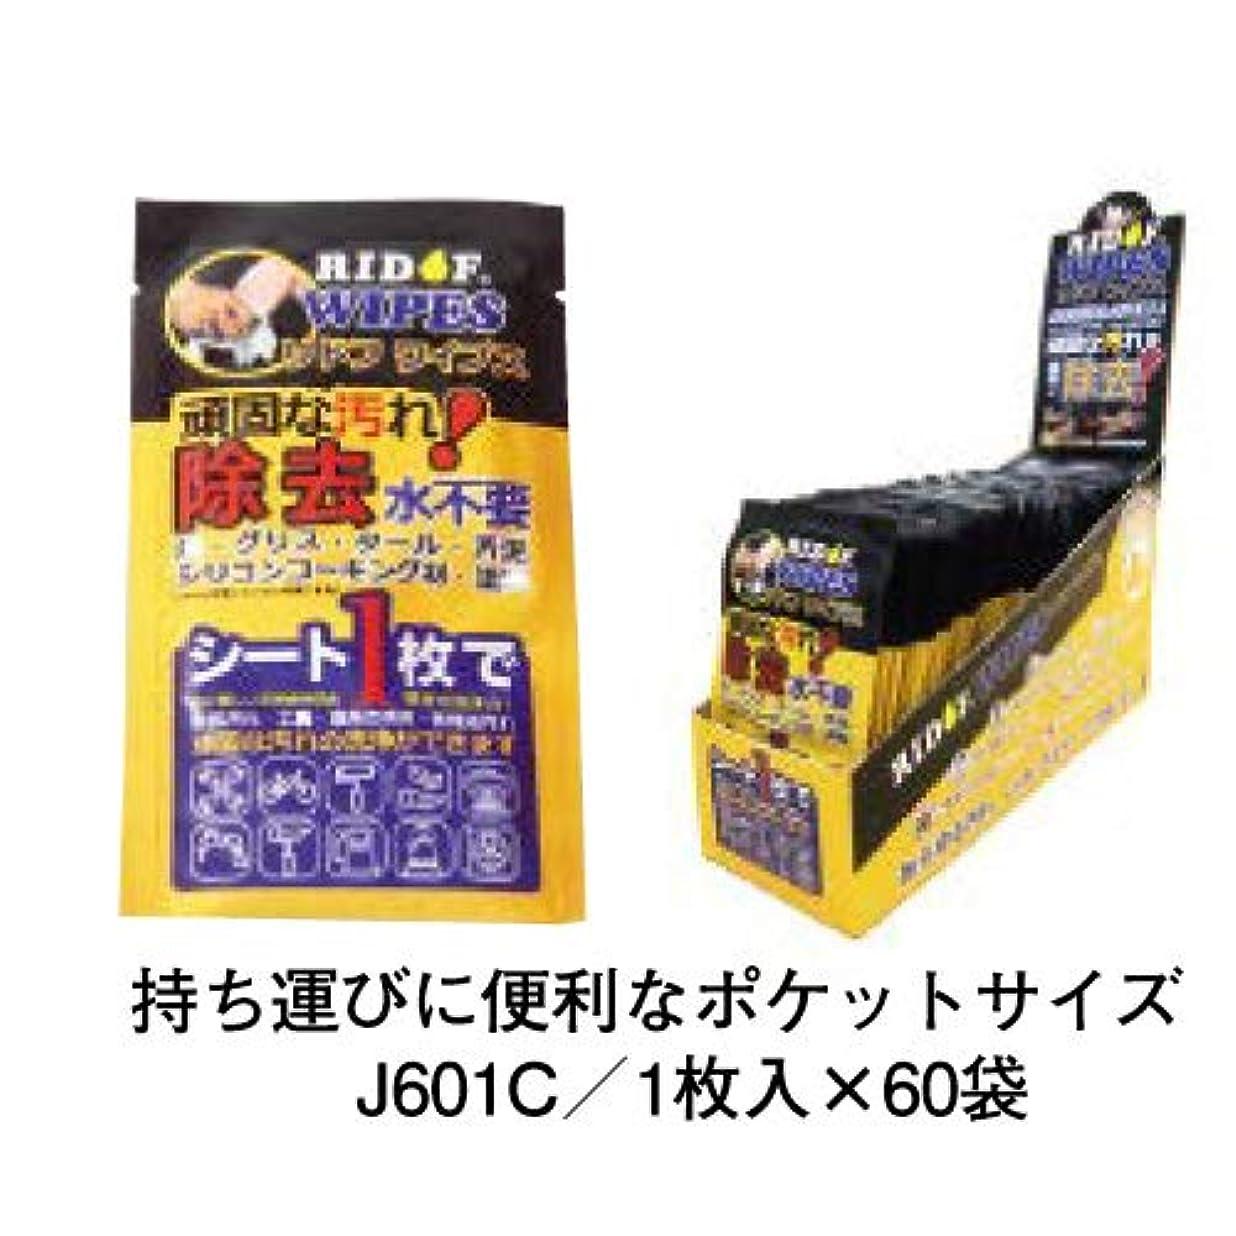 移動ヘッドレスアルファベット順リドフワイプス ポケットタイプ/1枚入×60袋 J601C